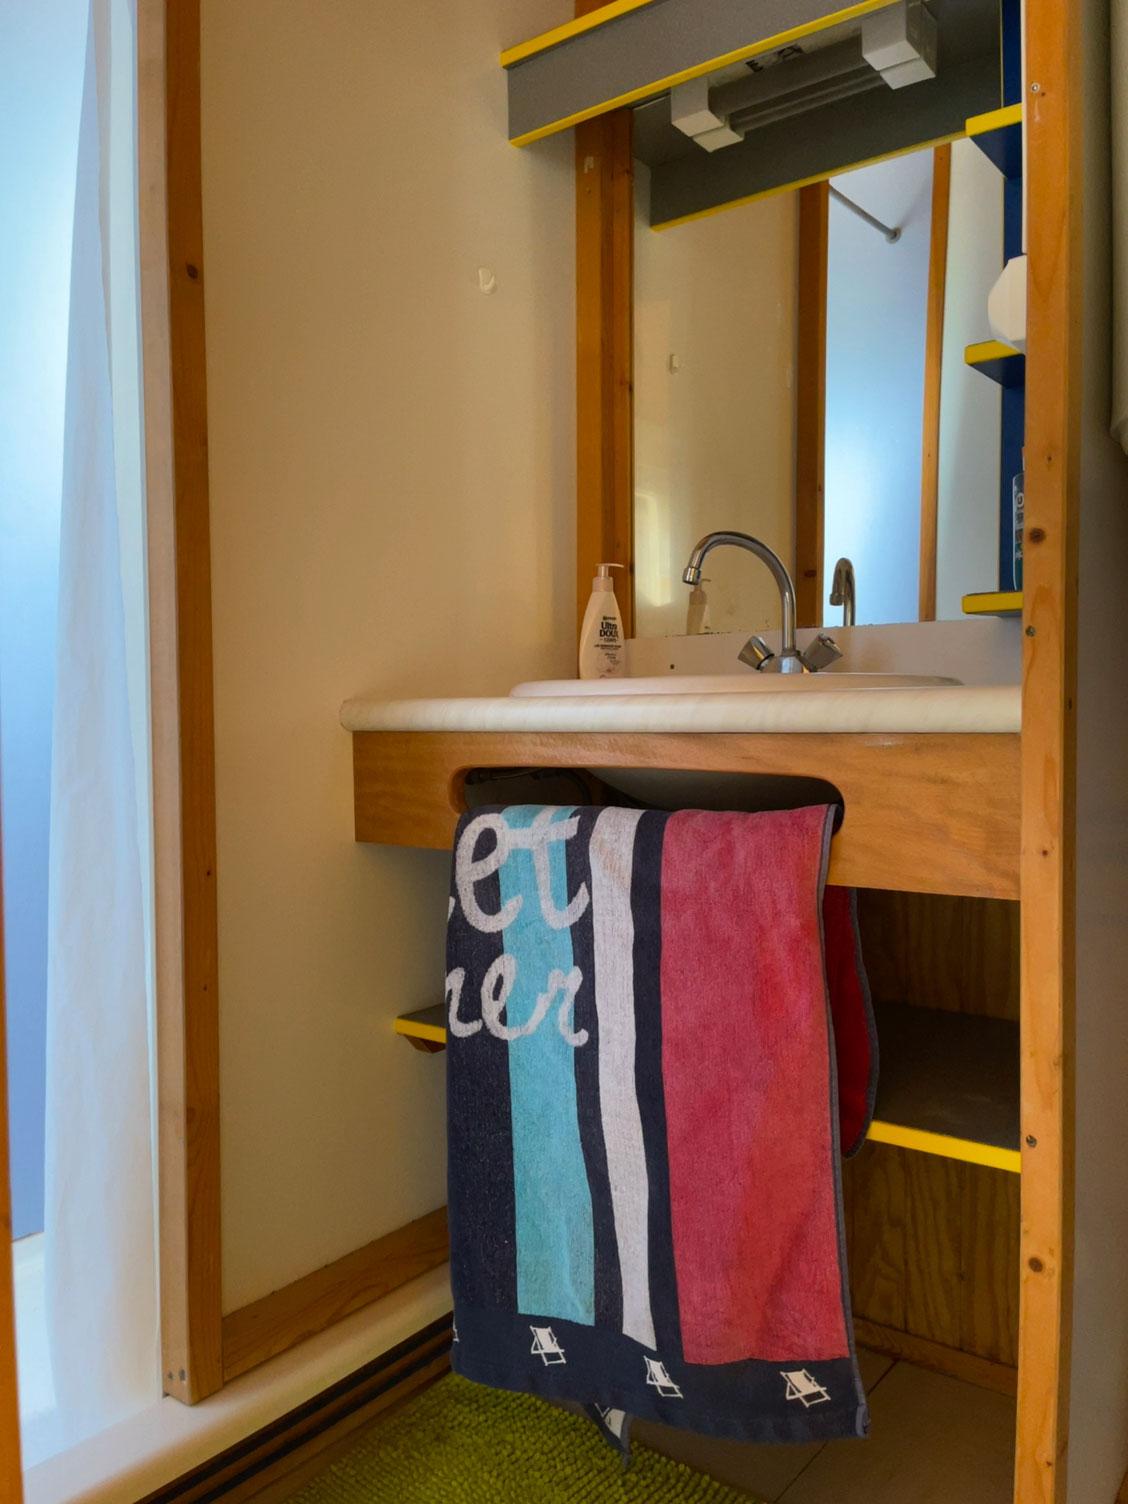 galerie-photos-location-chalet-camping-5-personnes-salle-de-bain-le-port-de-moricq